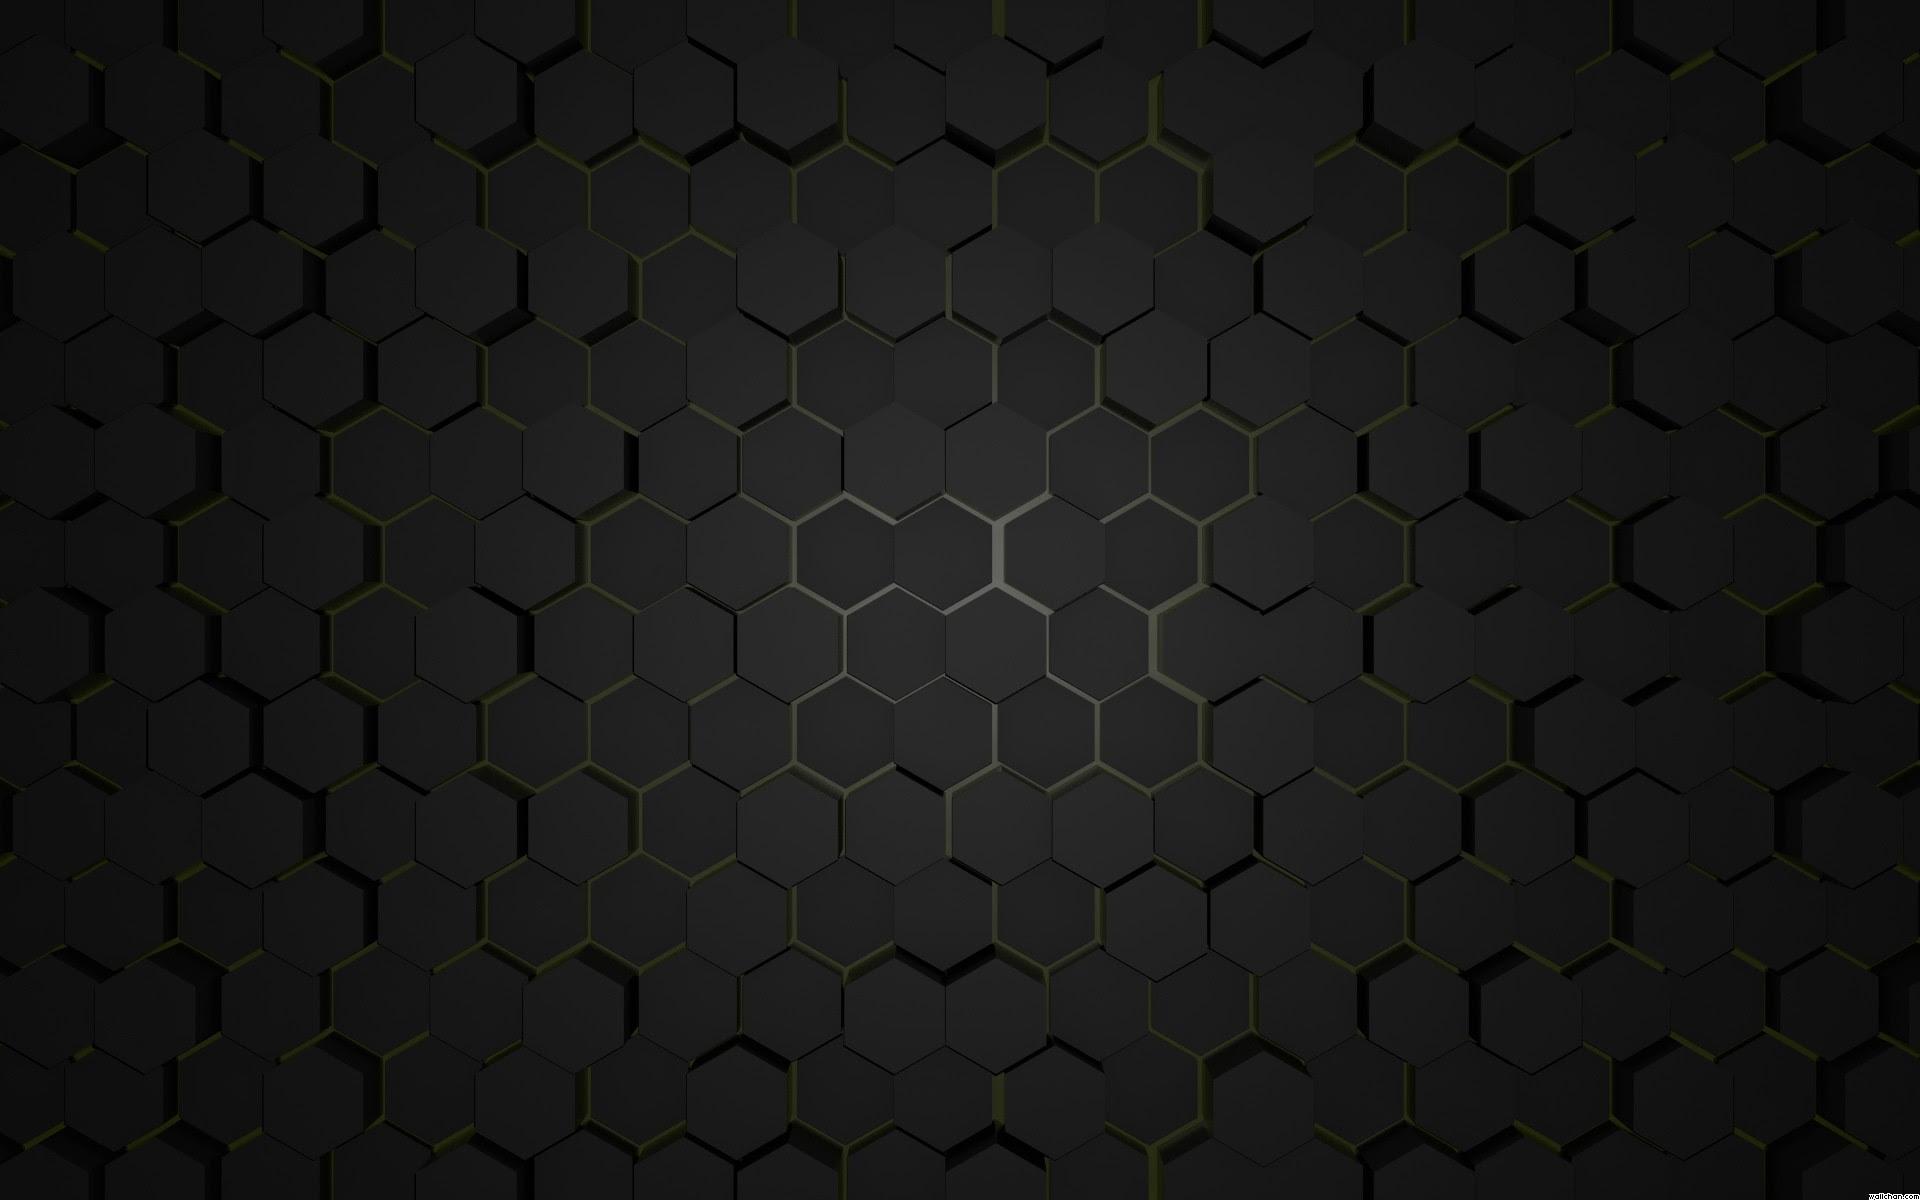 Unduh 870 Wallpaper Black Abstract Hd Paling Keren